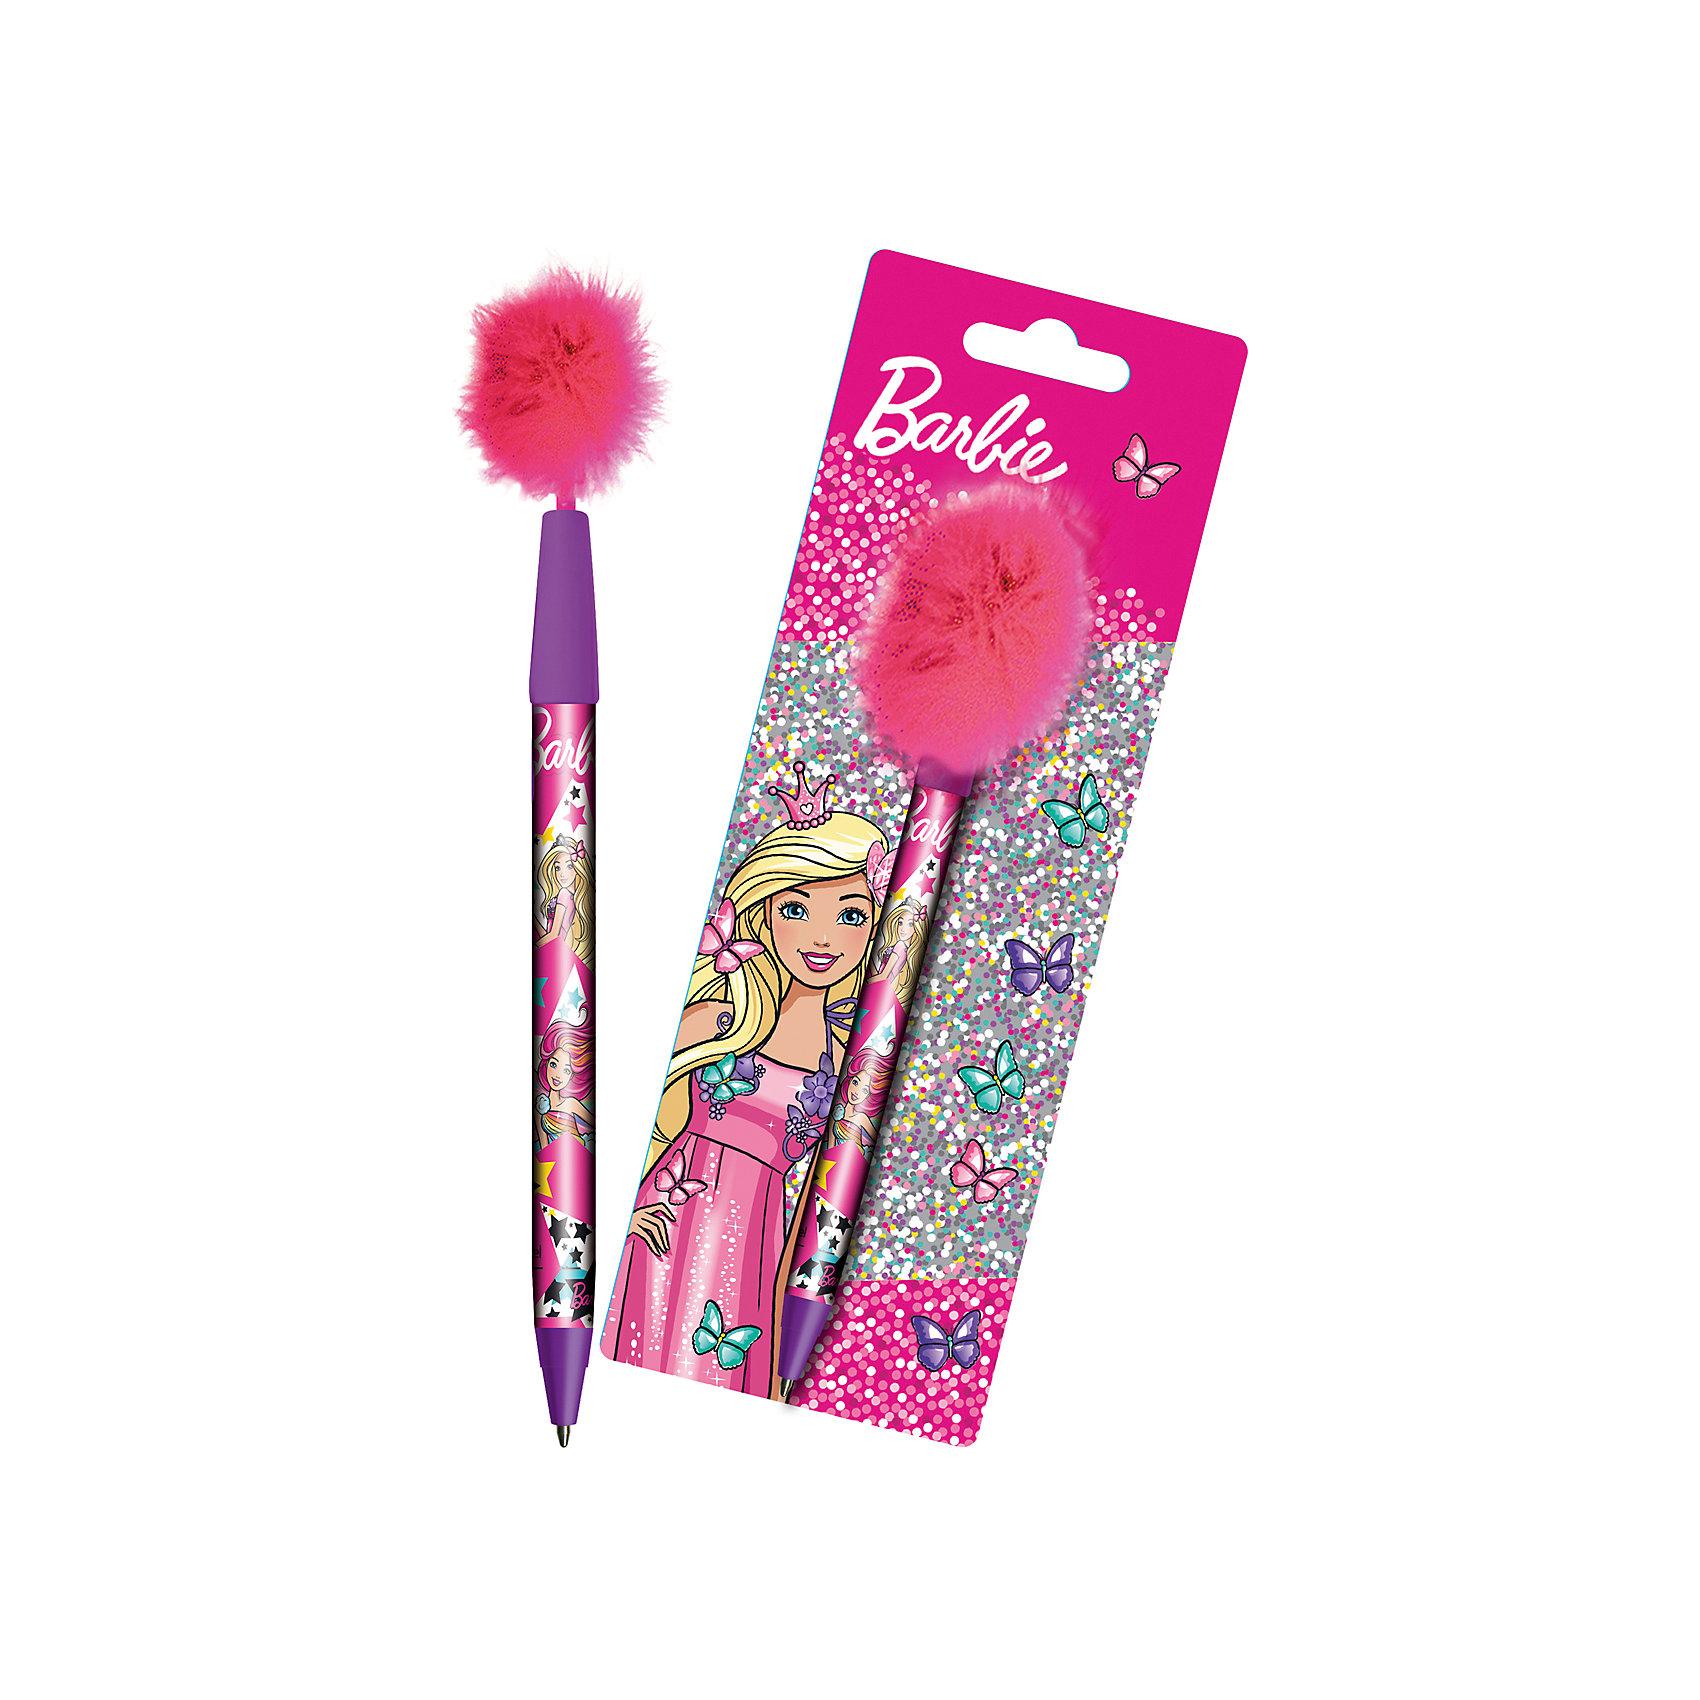 Ручка синяя шариковая с перьями Barbie, MattelBarbie<br>Ручка шариковая Mattel Barbie, синие чернила, наконечник ручки украшен перьями, блистерная упаковка позволит перьям не помяться в процессе транспортировки или при хранении.<br><br>Ширина мм: 165<br>Глубина мм: 2<br>Высота мм: 70<br>Вес г: 25<br>Возраст от месяцев: 48<br>Возраст до месяцев: 96<br>Пол: Женский<br>Возраст: Детский<br>SKU: 5525043